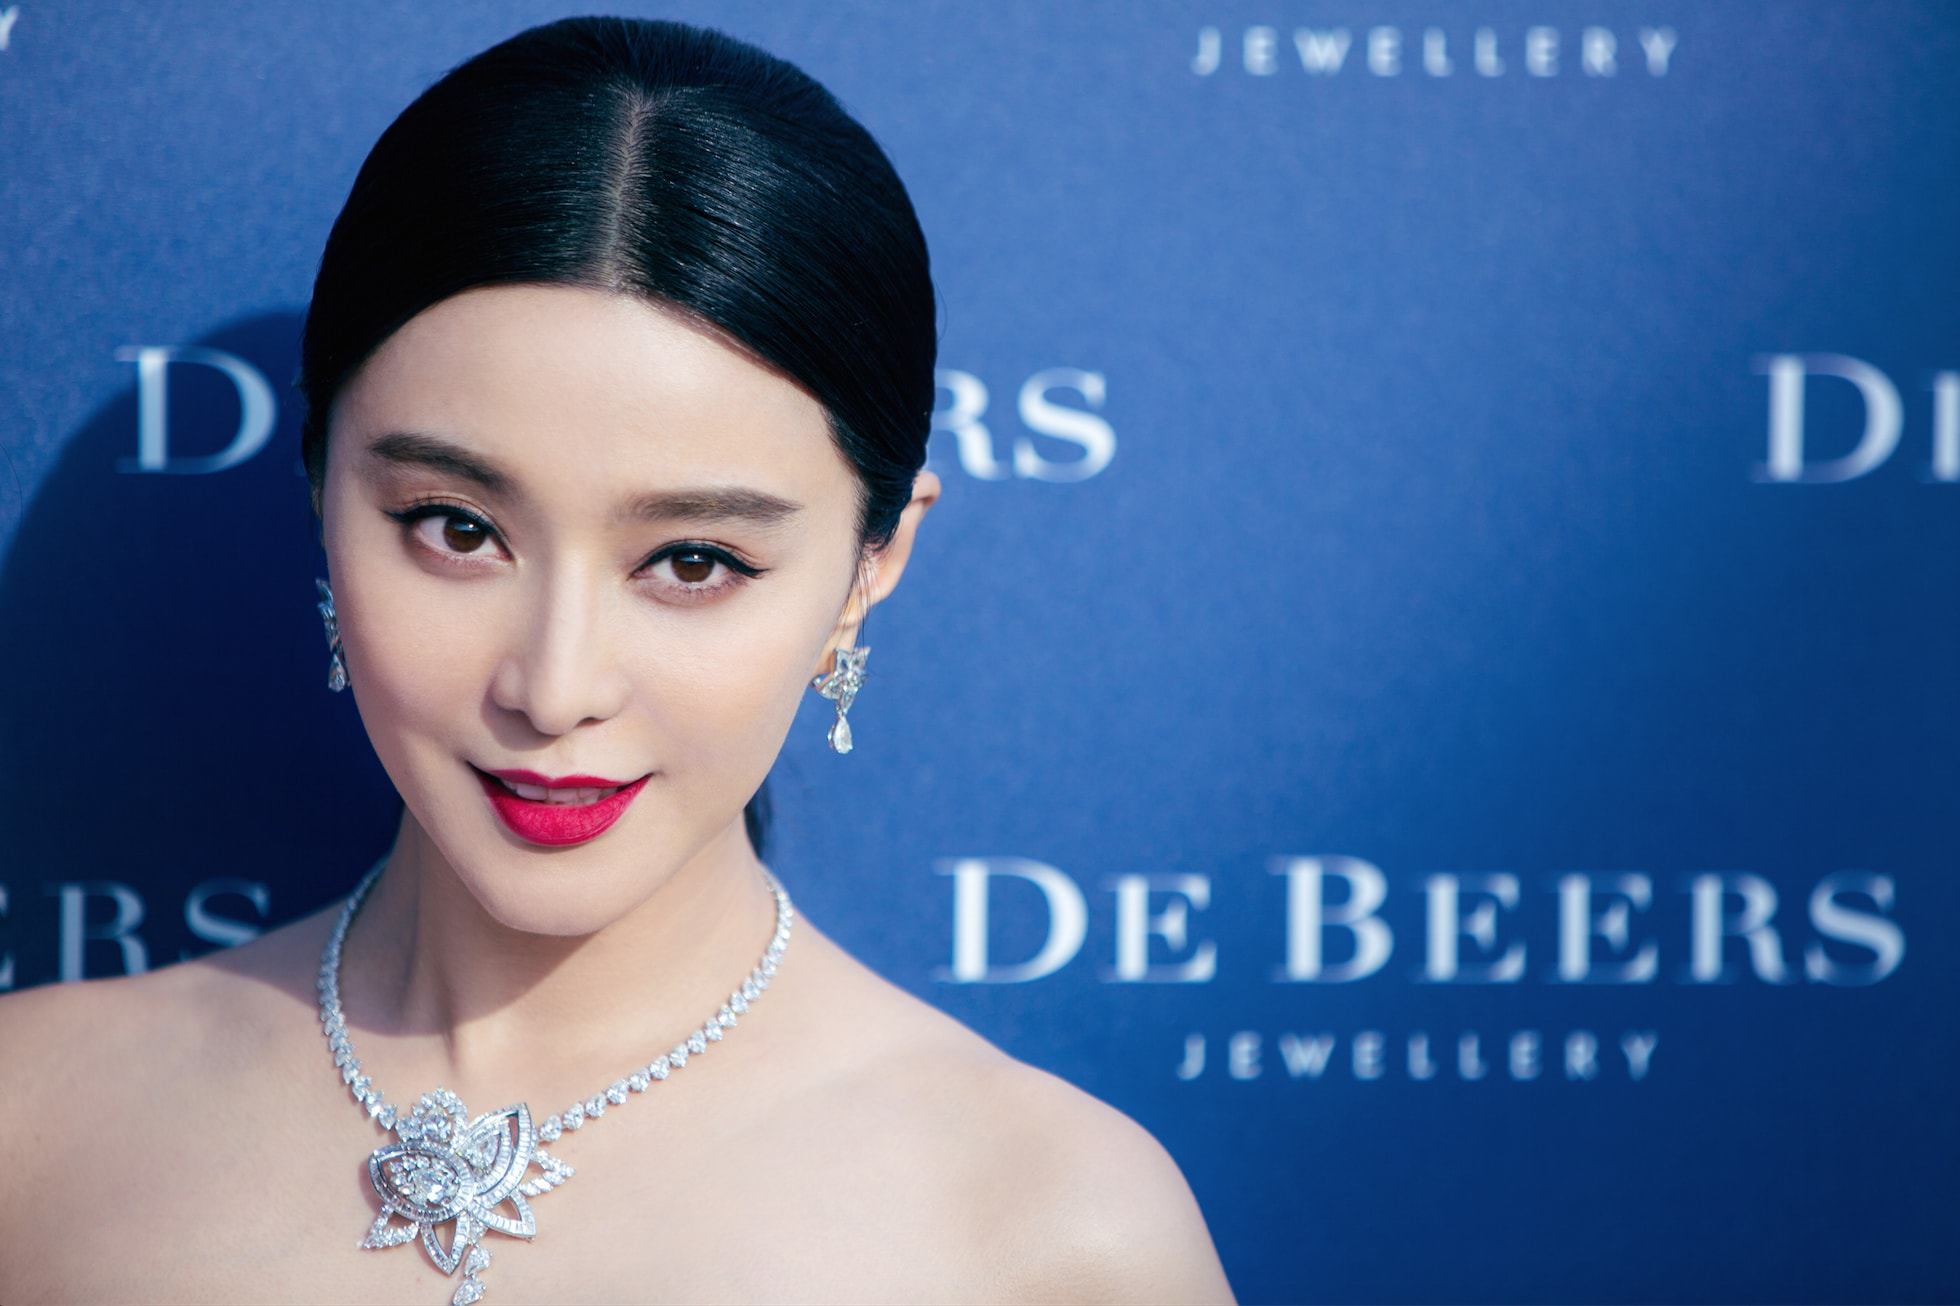 De Beers Jewellery - Fan Bing Bing for Lotus Collection